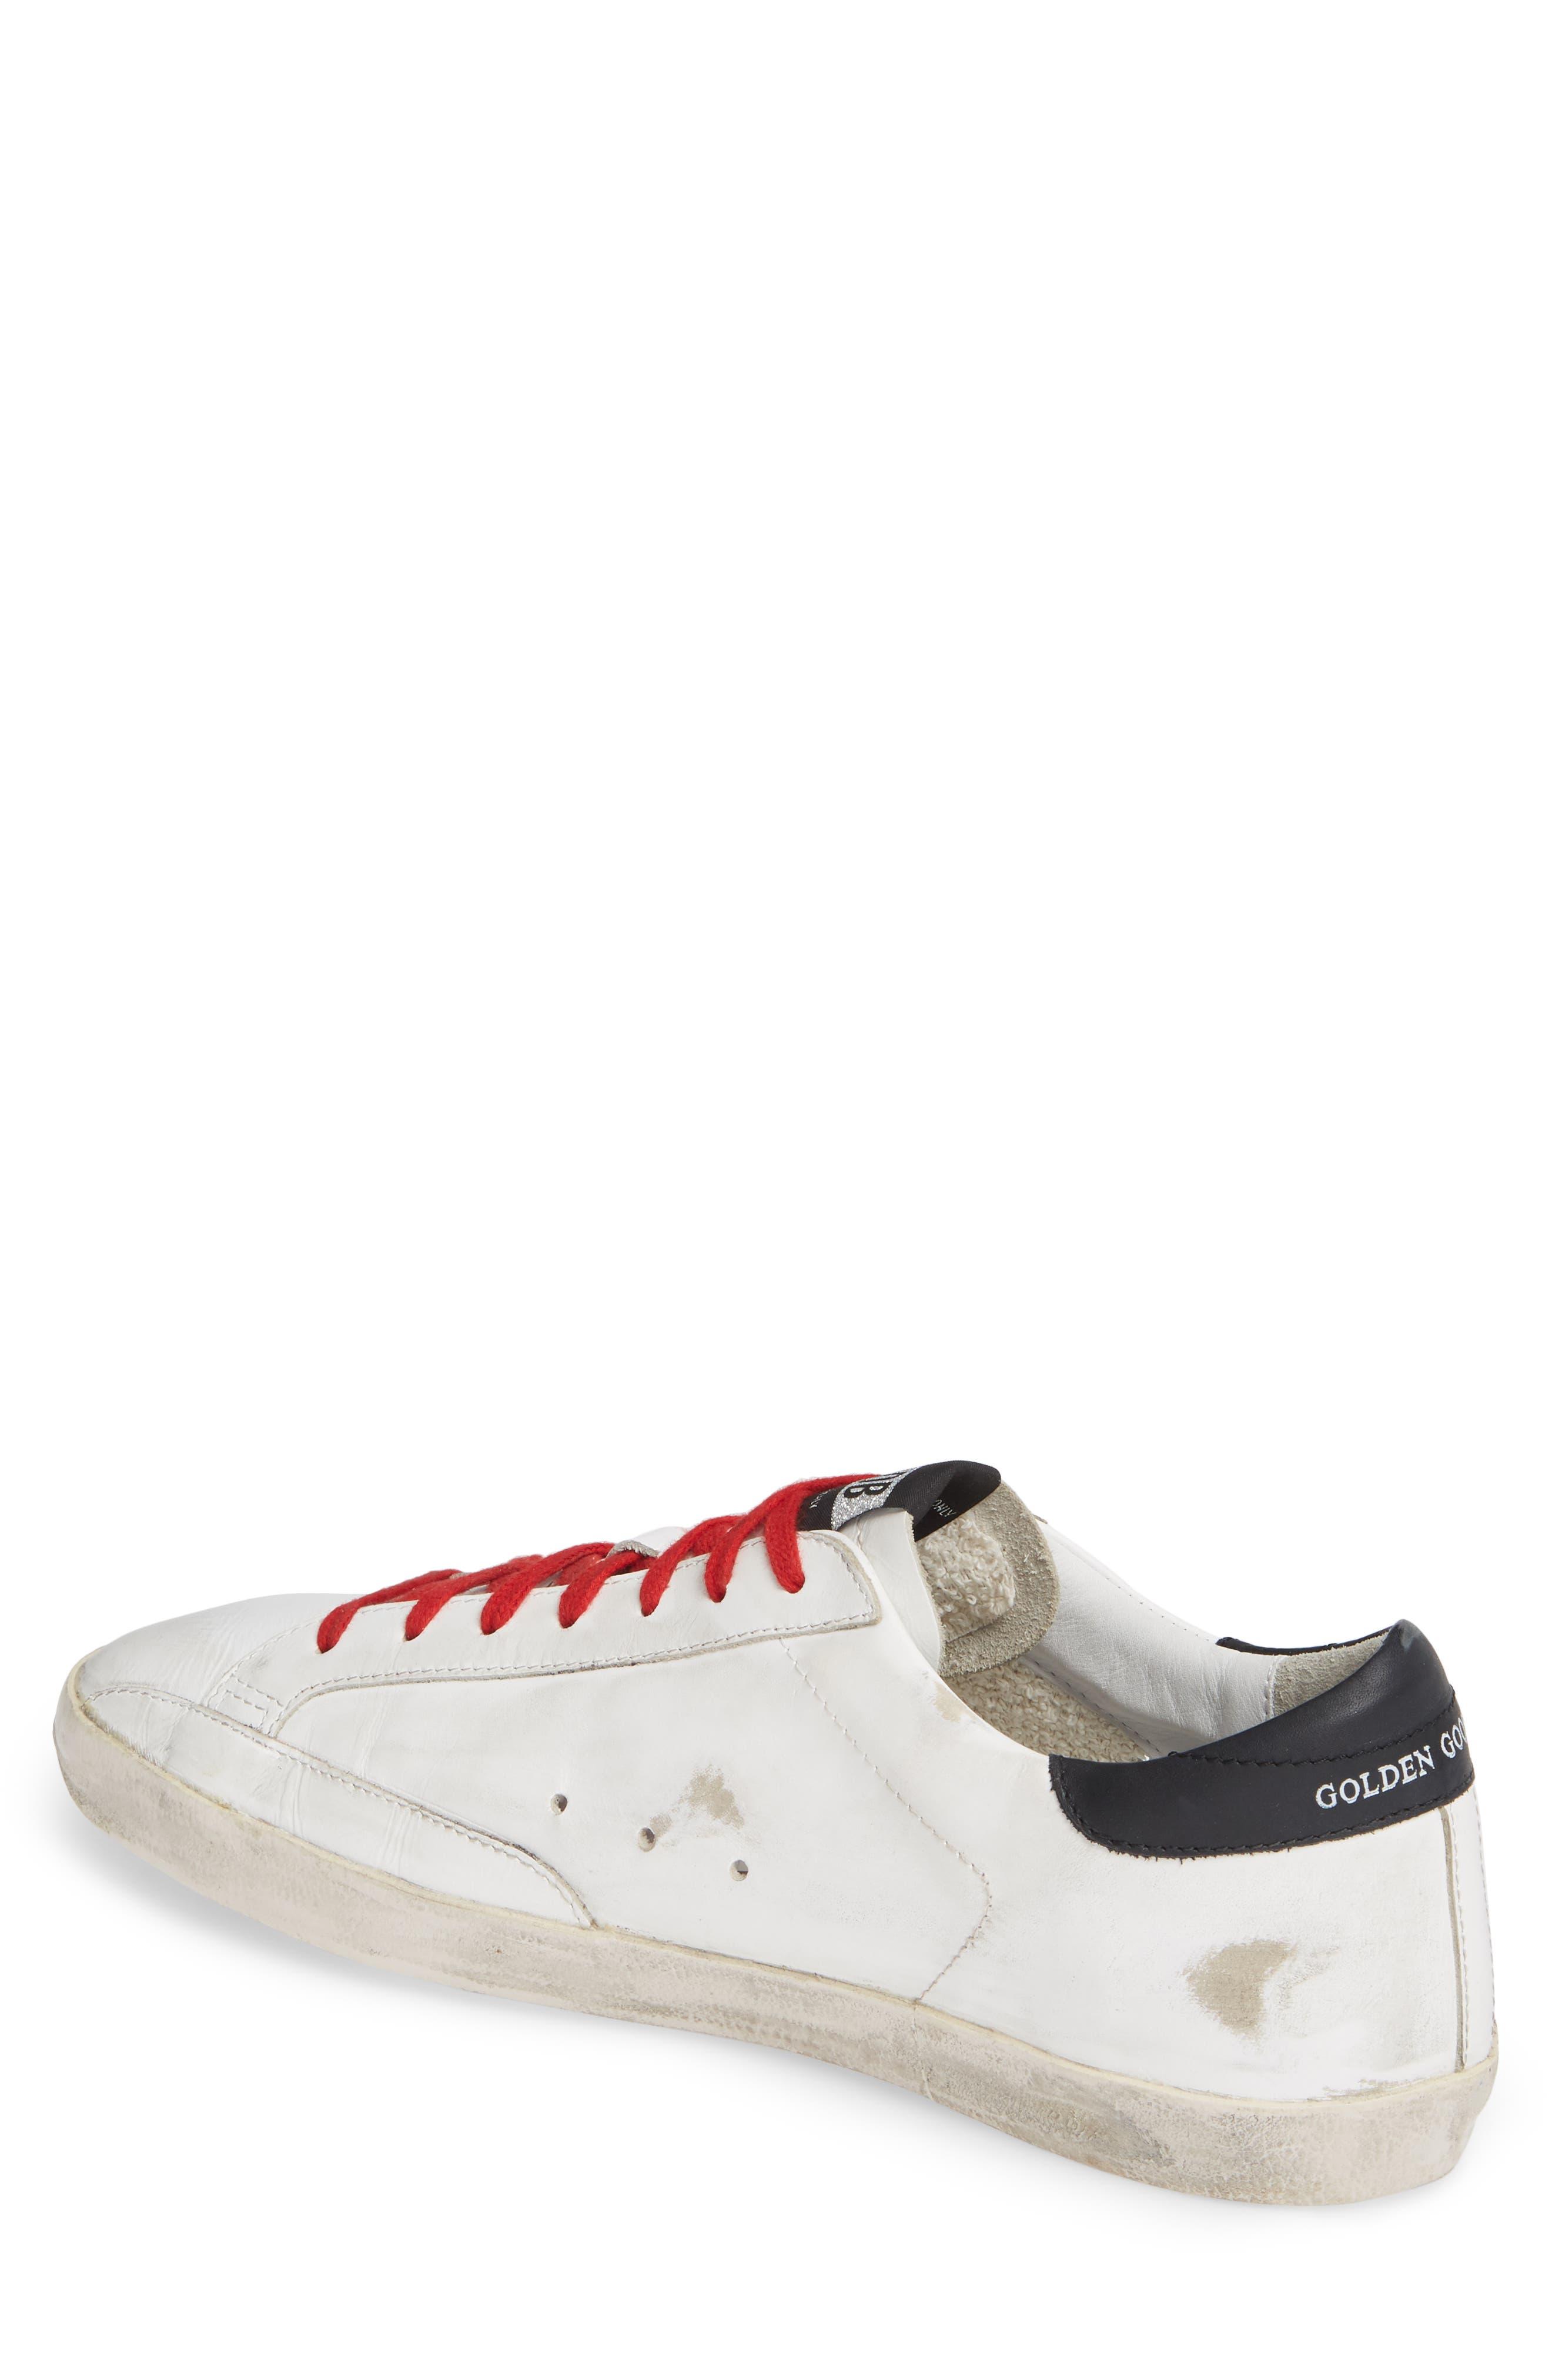 GOLDEN GOOSE, 'Superstar' Sneaker, Alternate thumbnail 2, color, WHITE/ BLACK